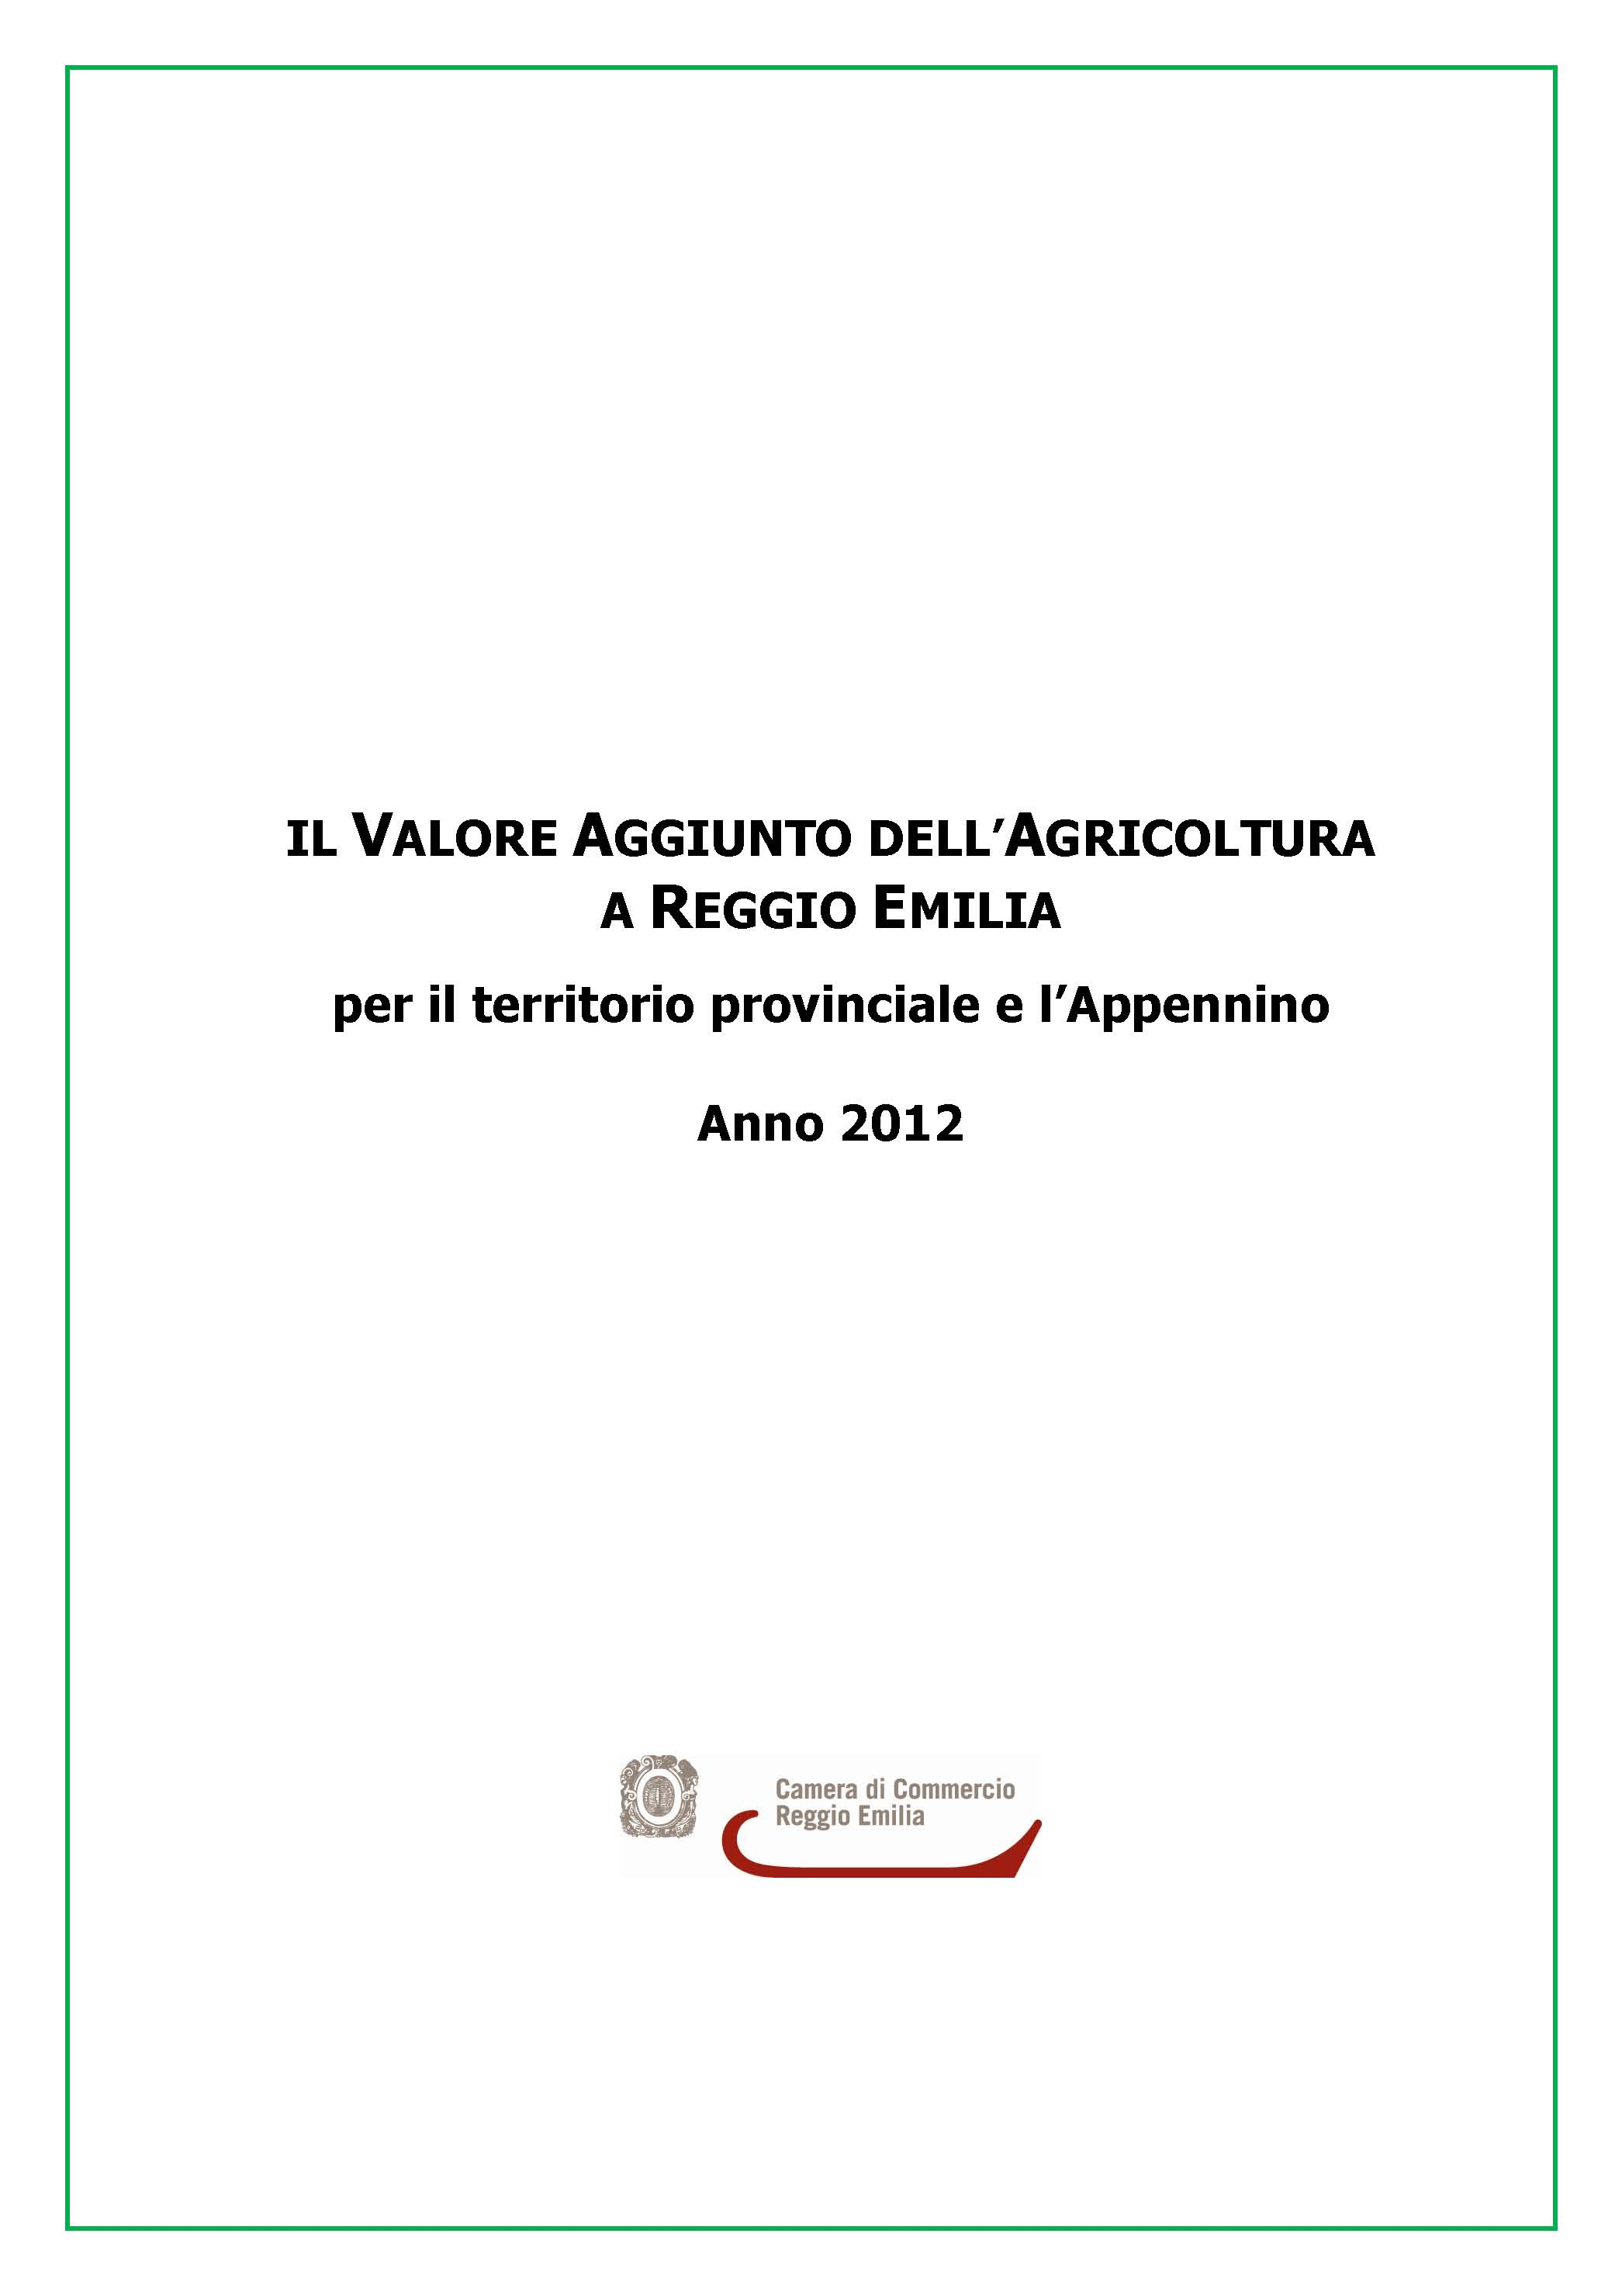 Il valore aggiunto dell agricoltura a reggio emilia anno for Camera di commercio della romagna